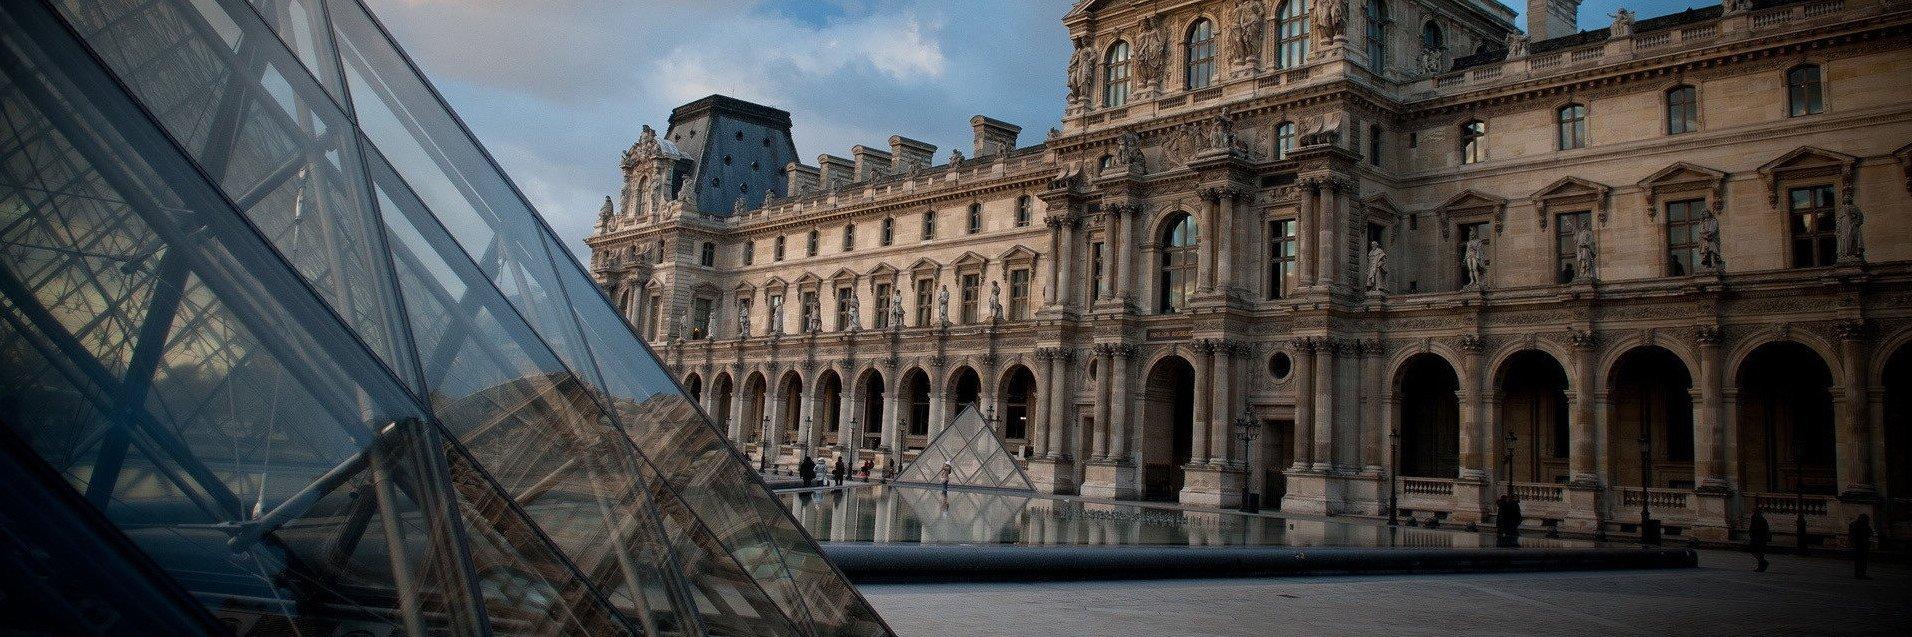 独自漫步巴黎,孤单却不孤独